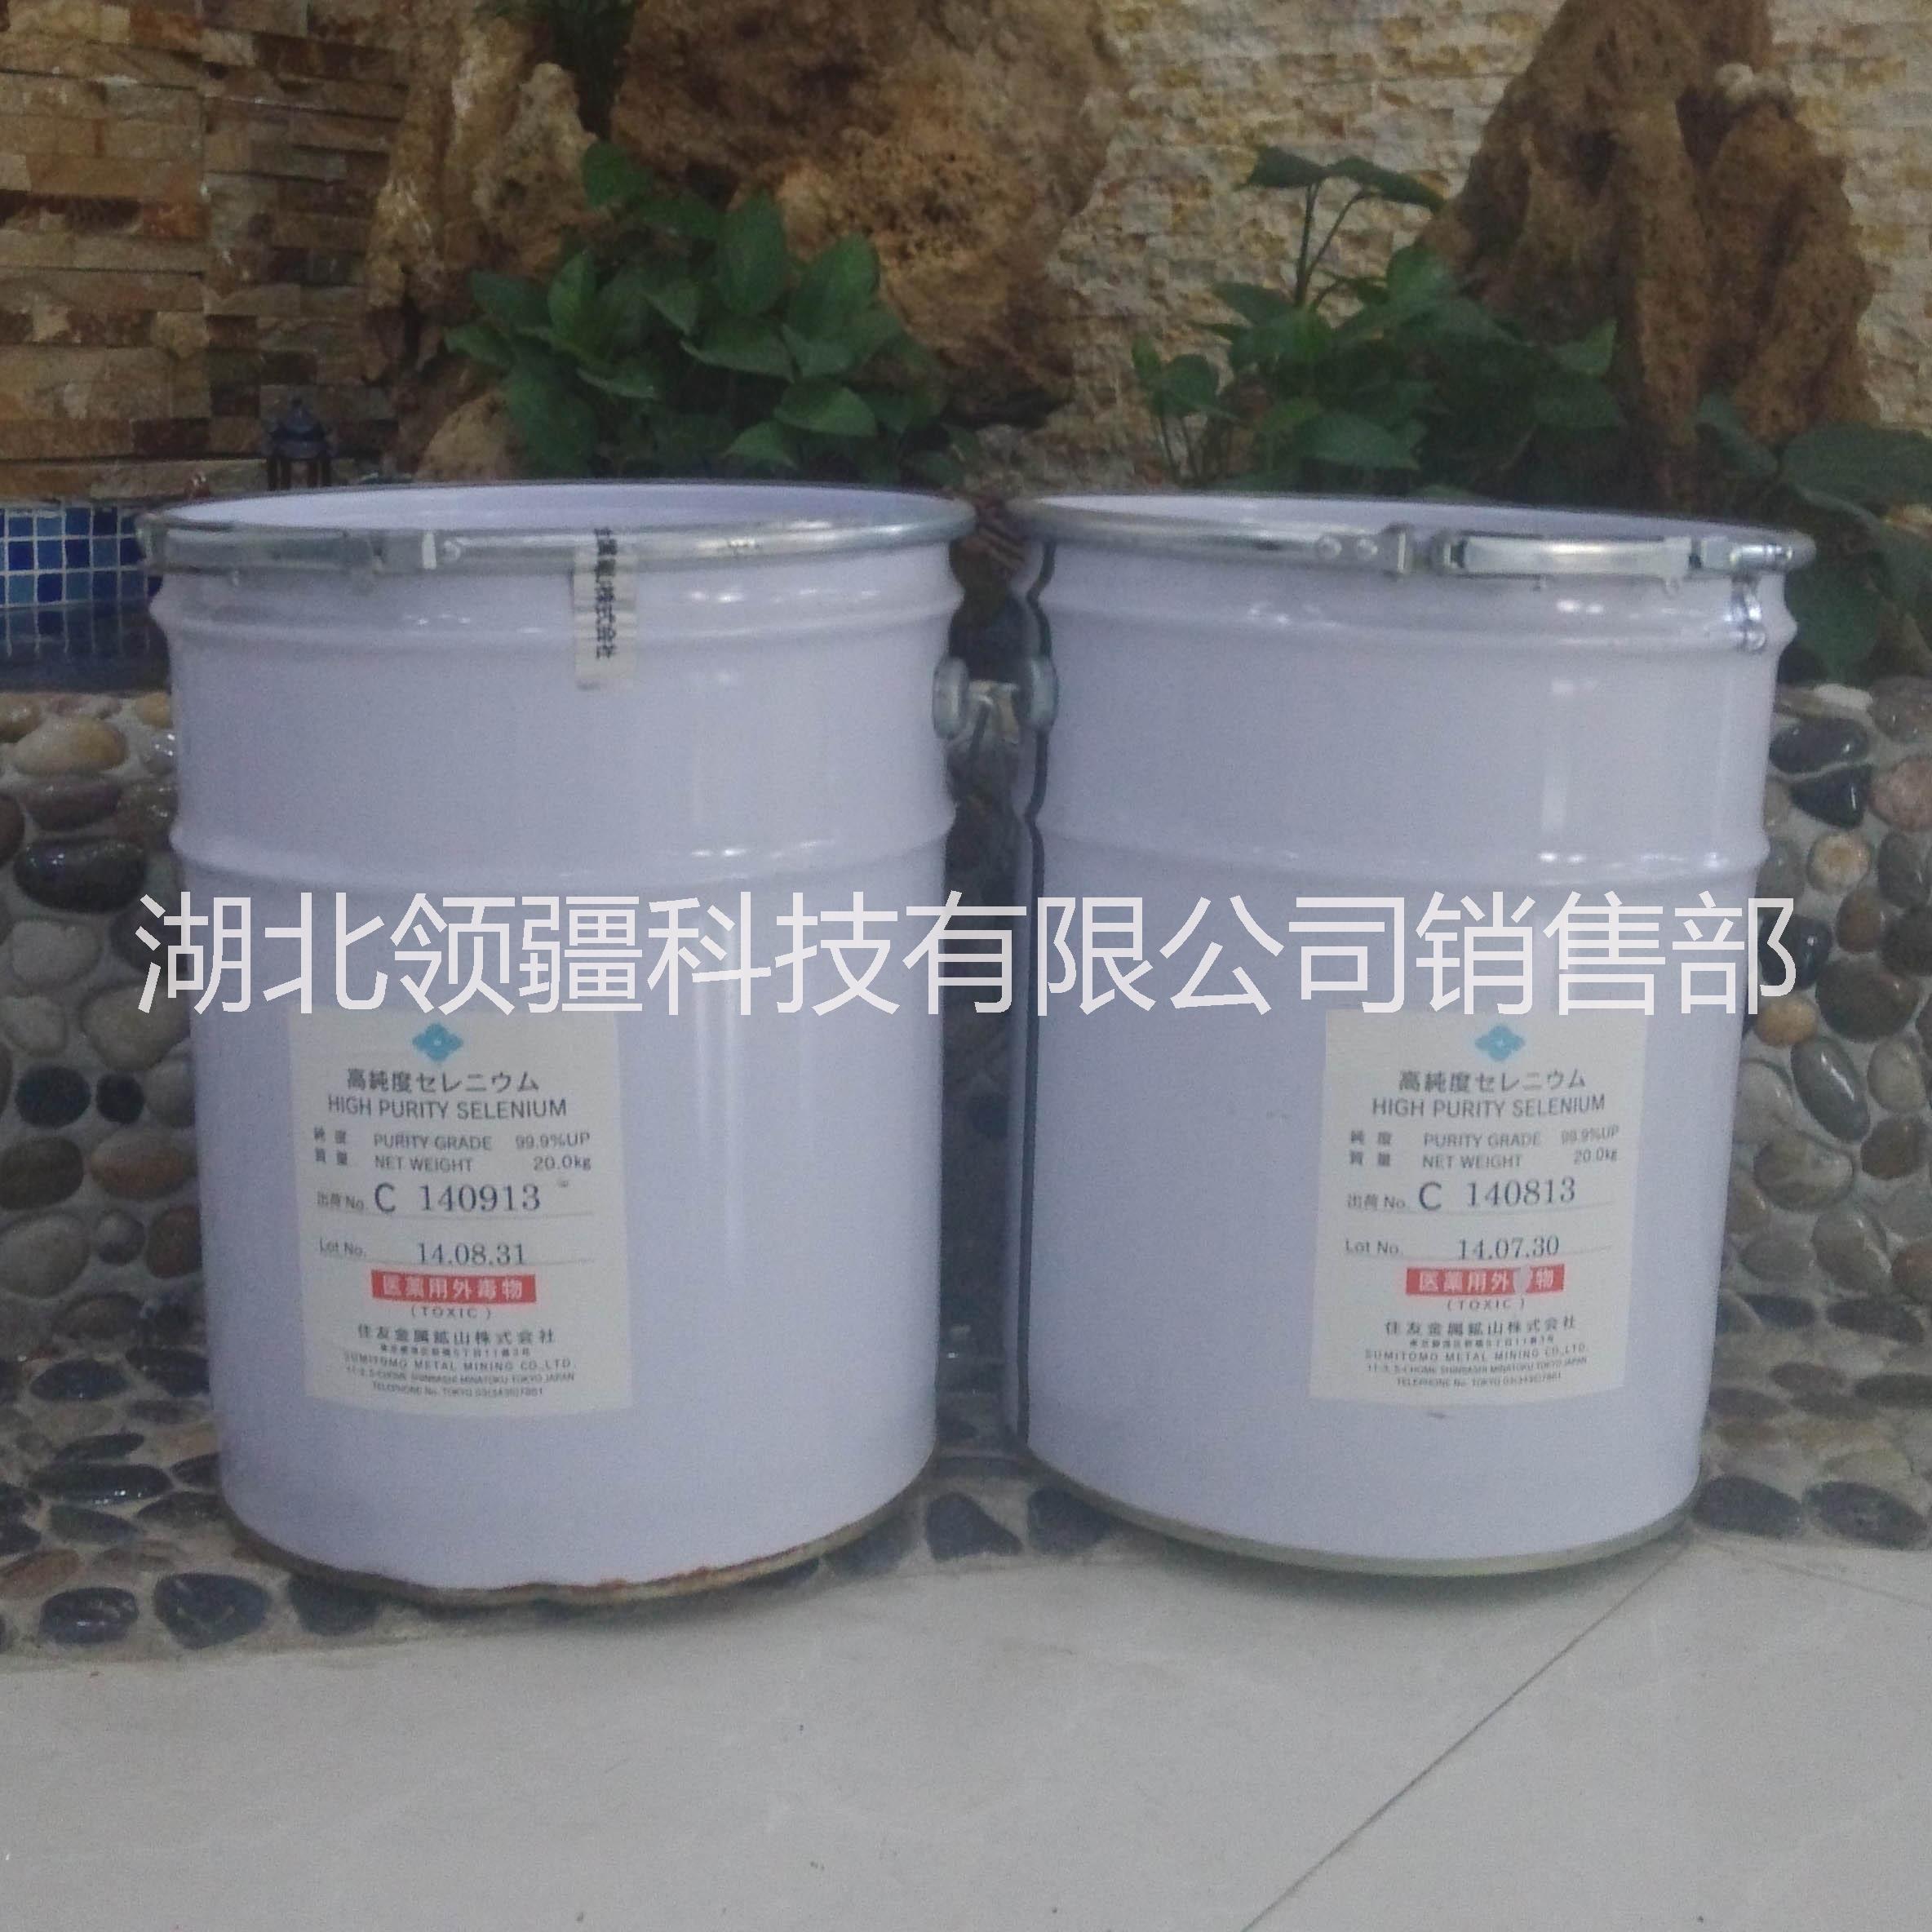 硒粉的用途玻璃原料